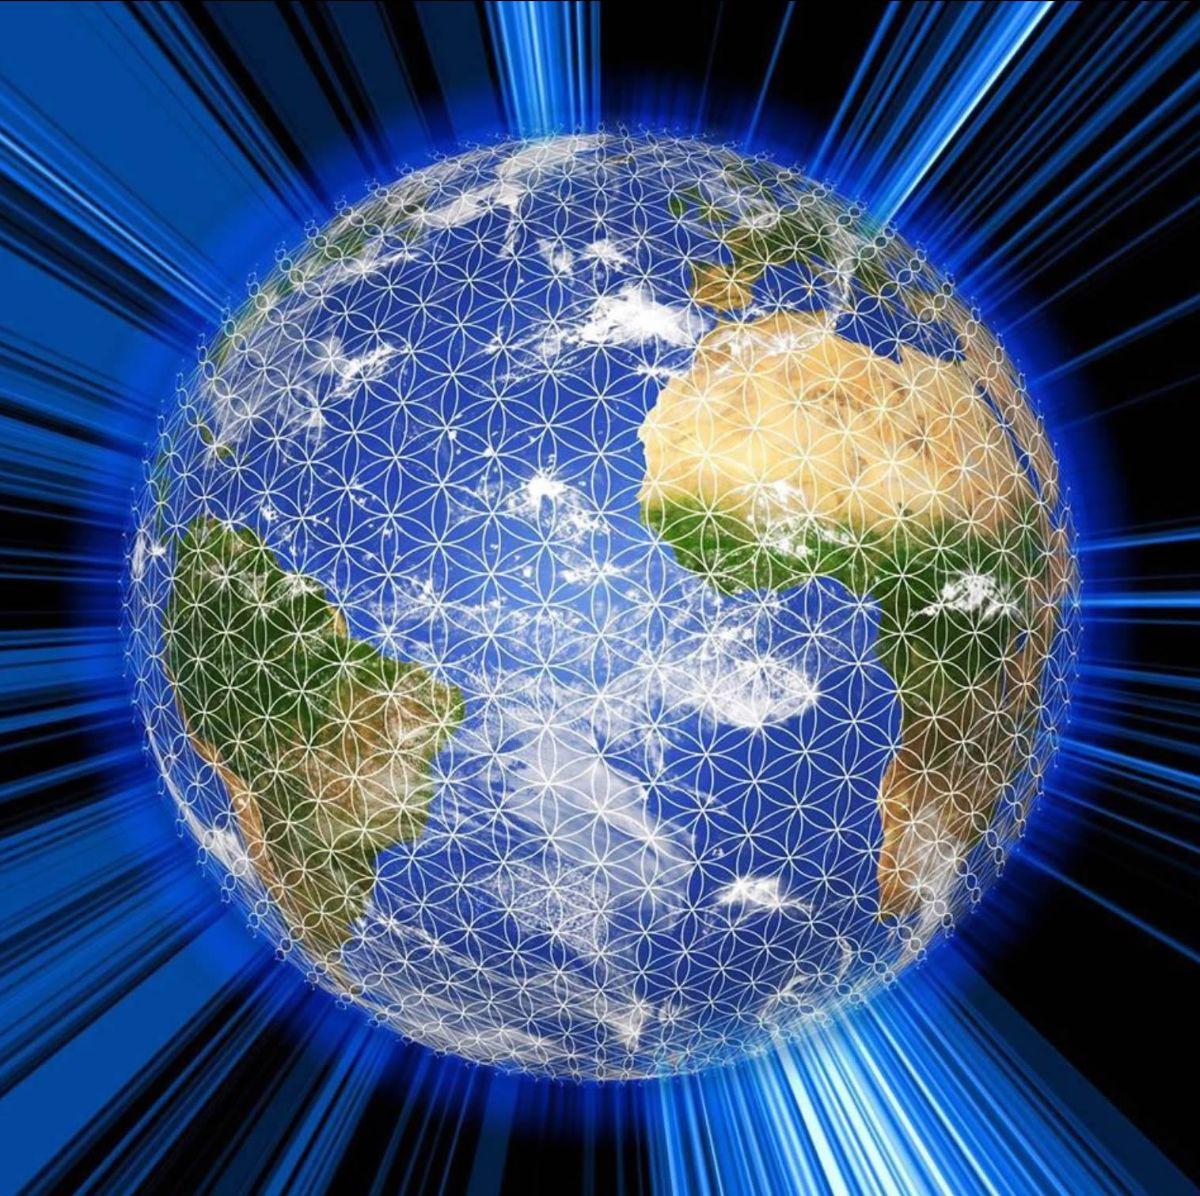 Million Meditation Globe Image